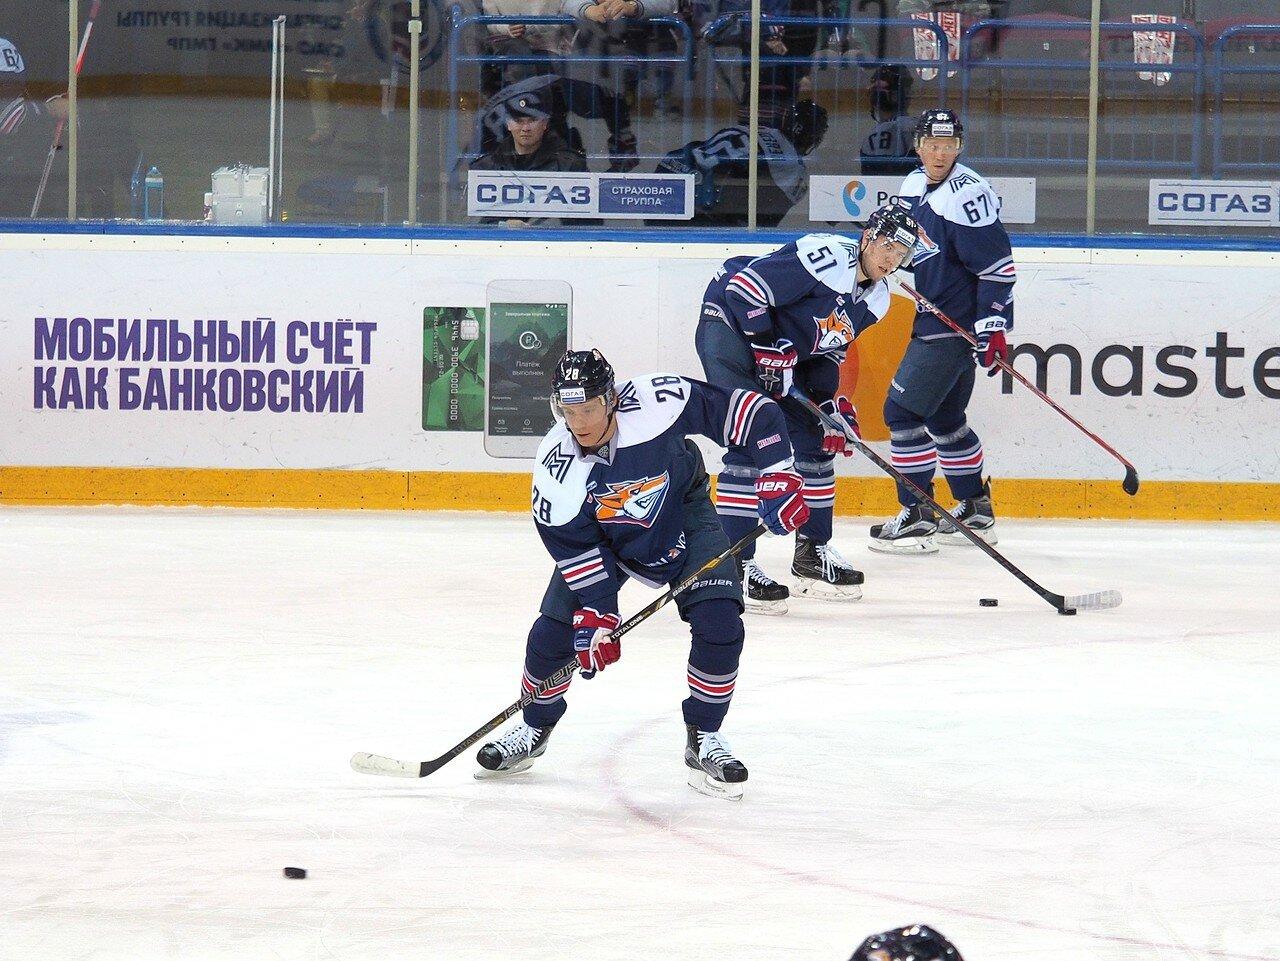 57Металлург - Динамо Москва 21.11.2016